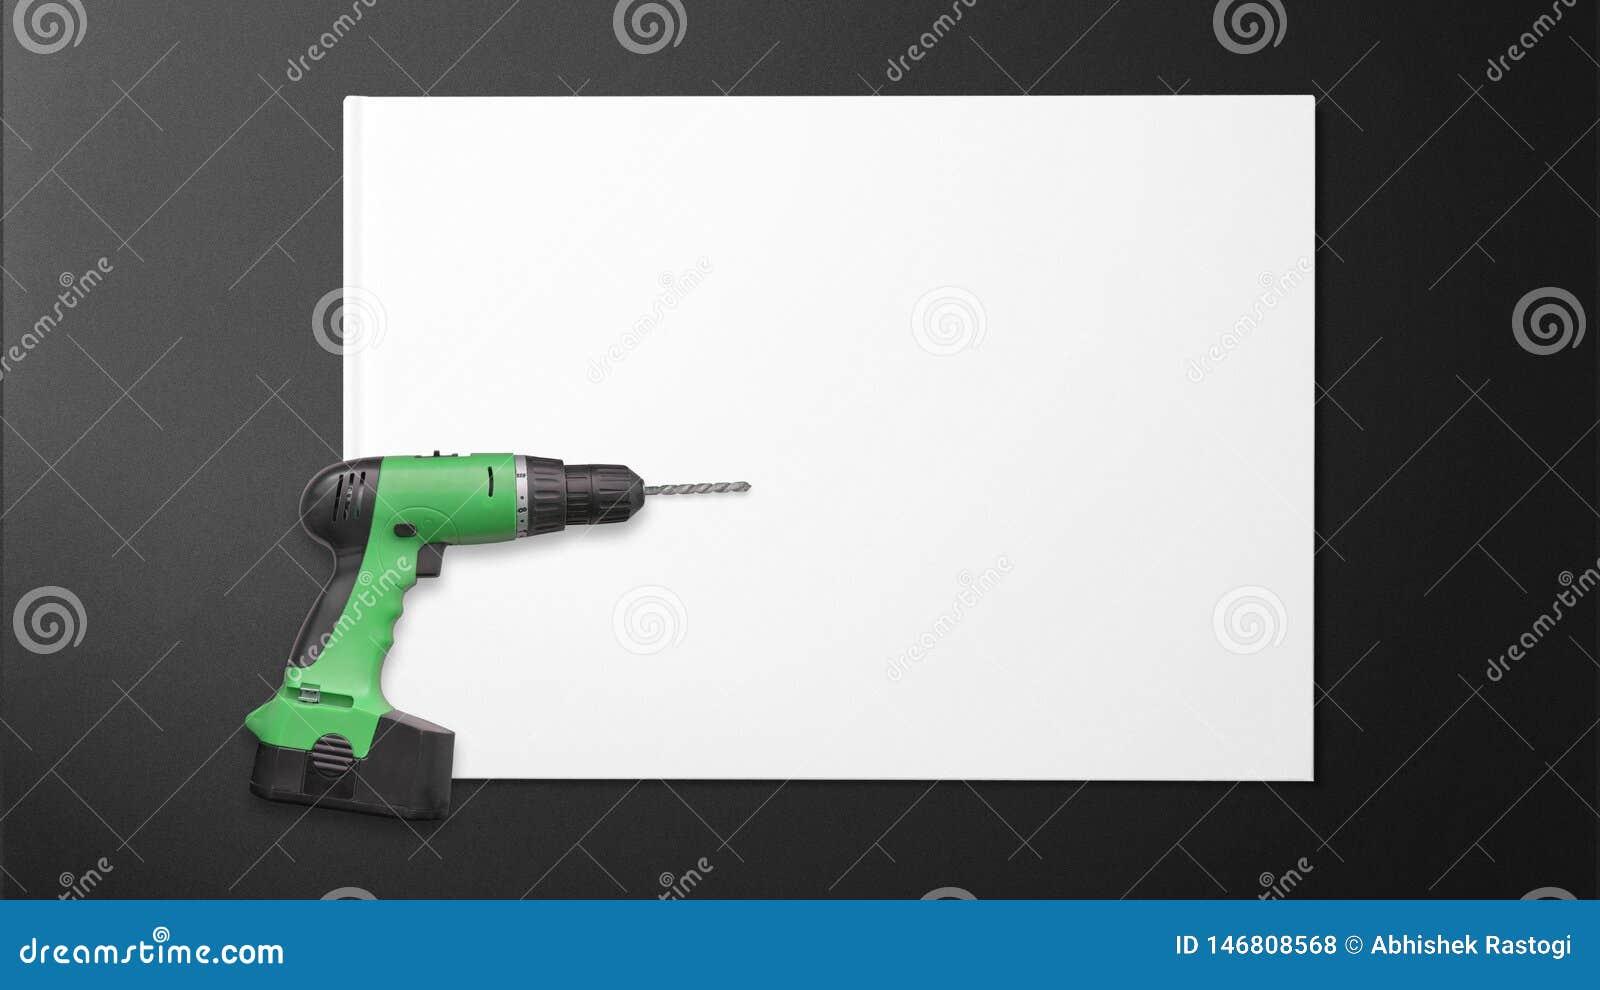 Μηχανή τρυπανιών σε χαρτί για το μαύρο υπόβαθρο